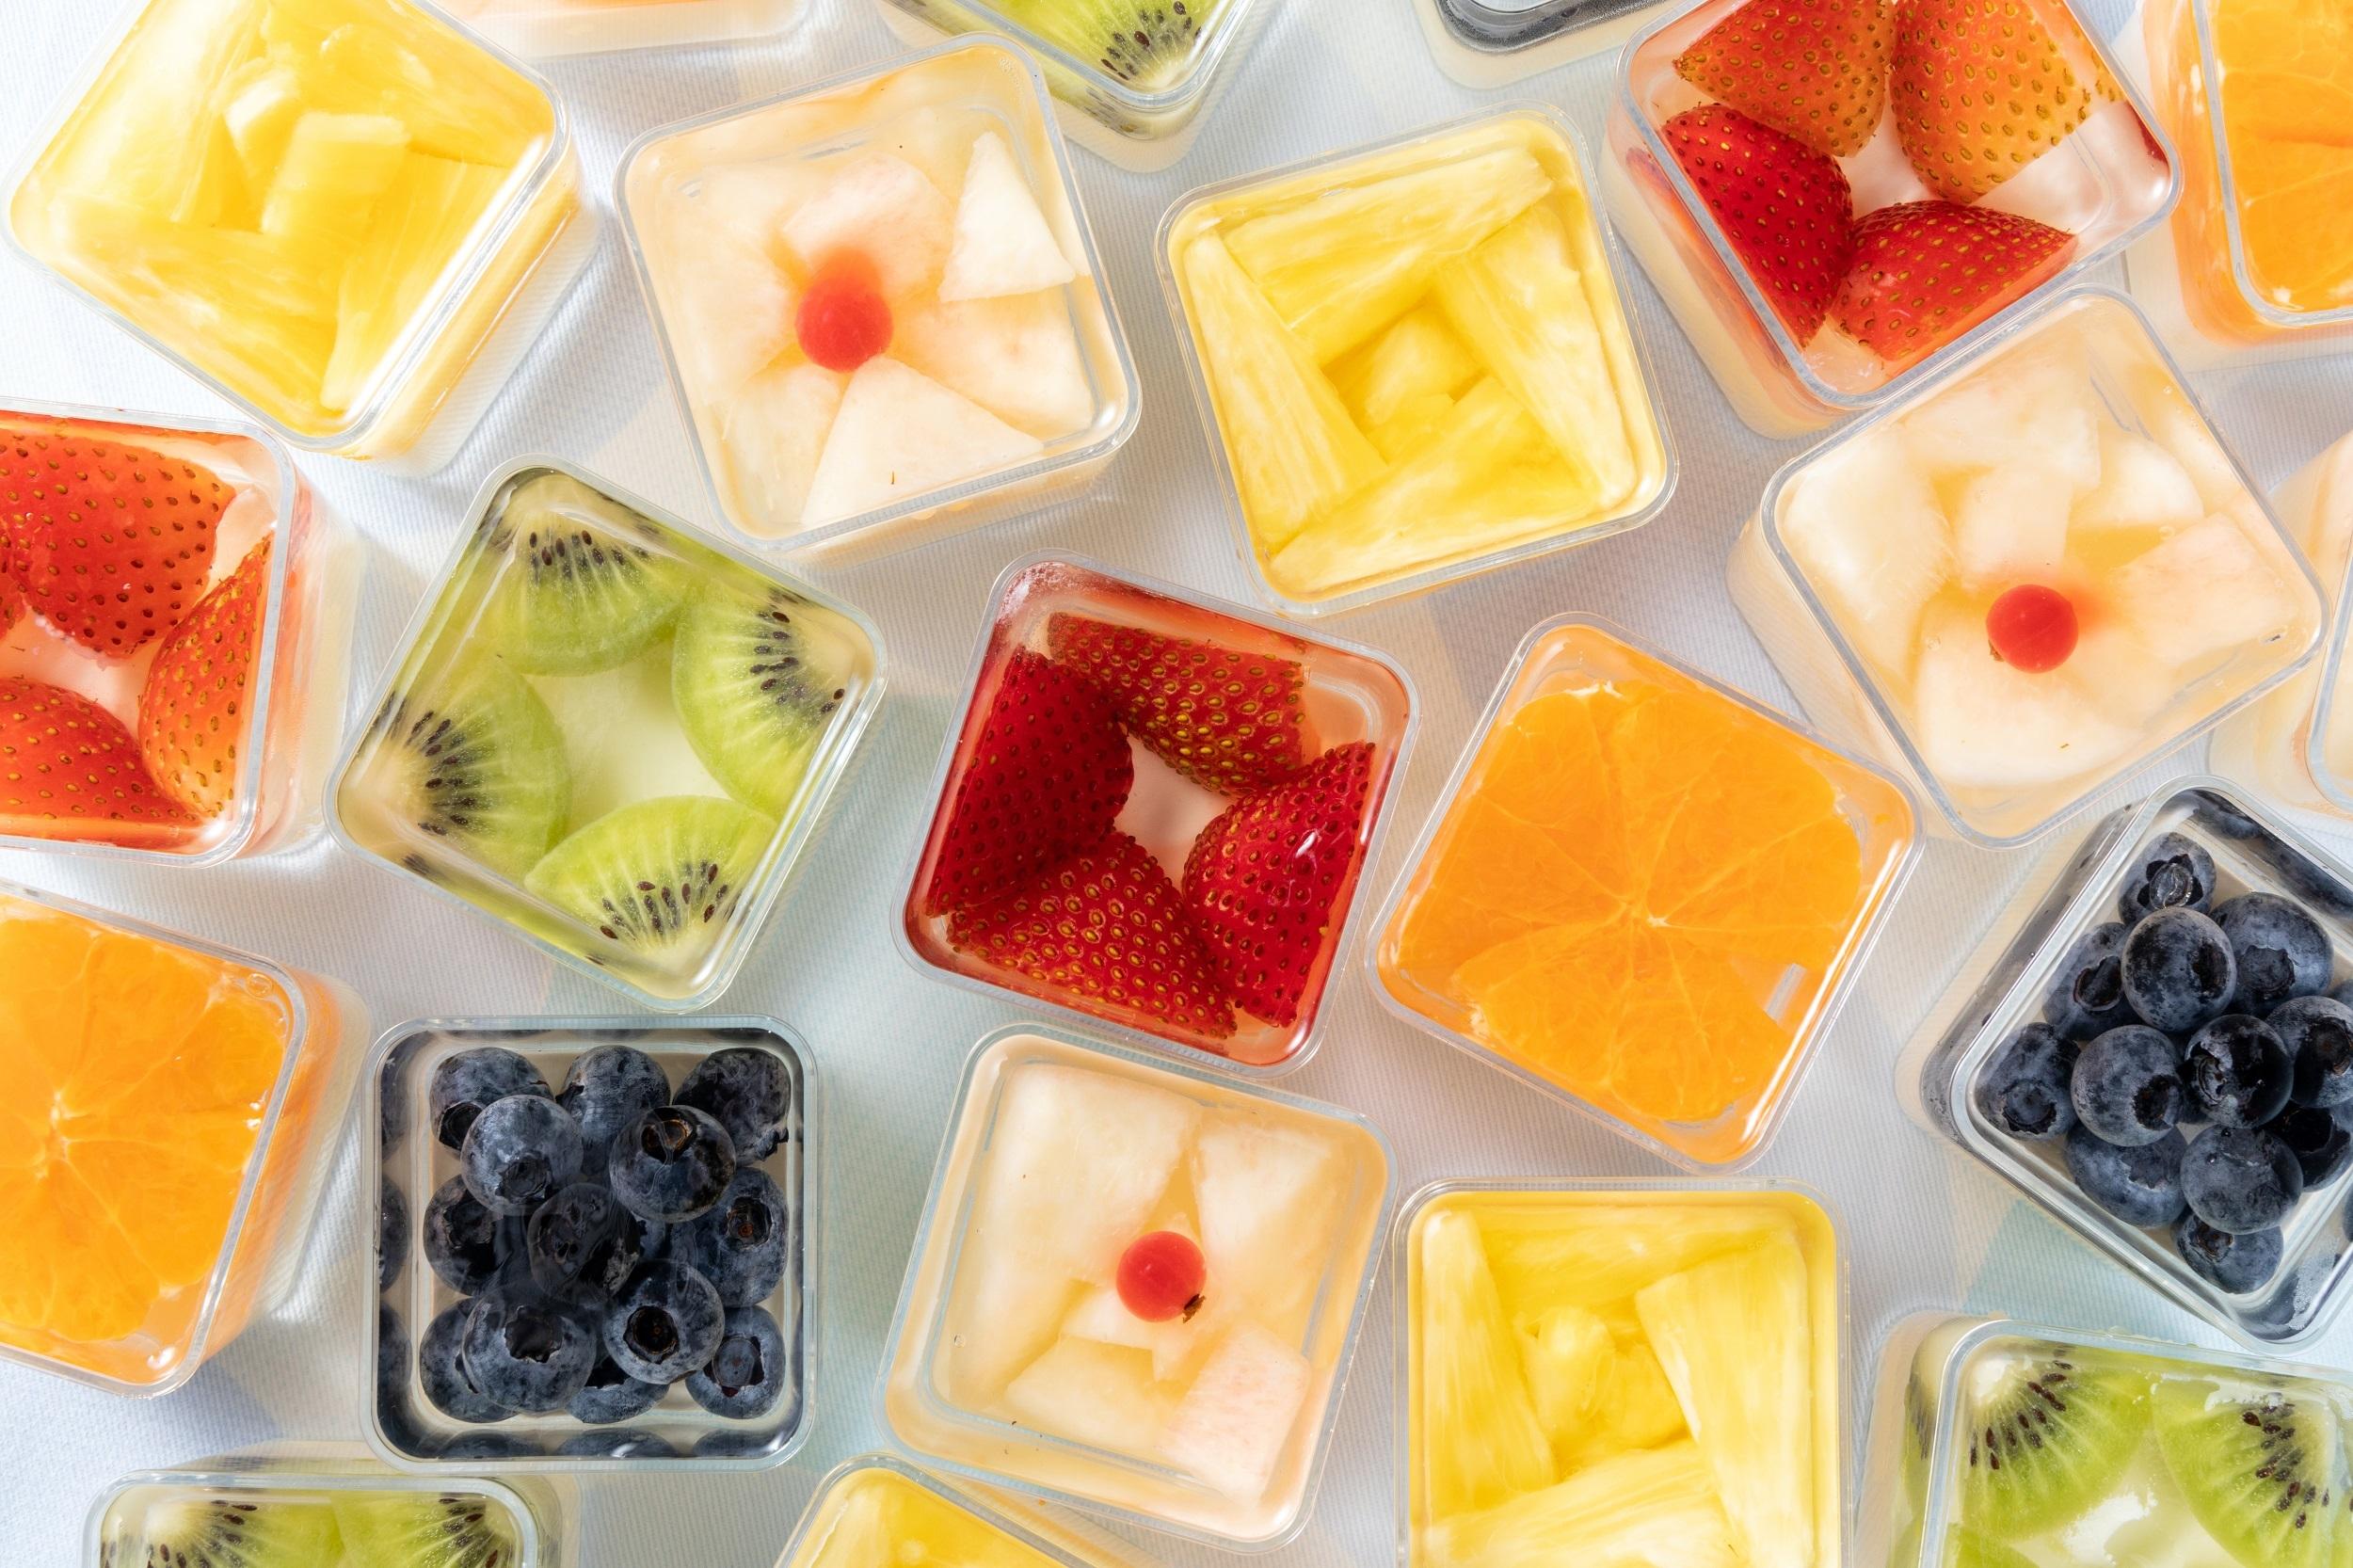 6種のフルーツが輝く宝石箱のような『フルーツジュエル』